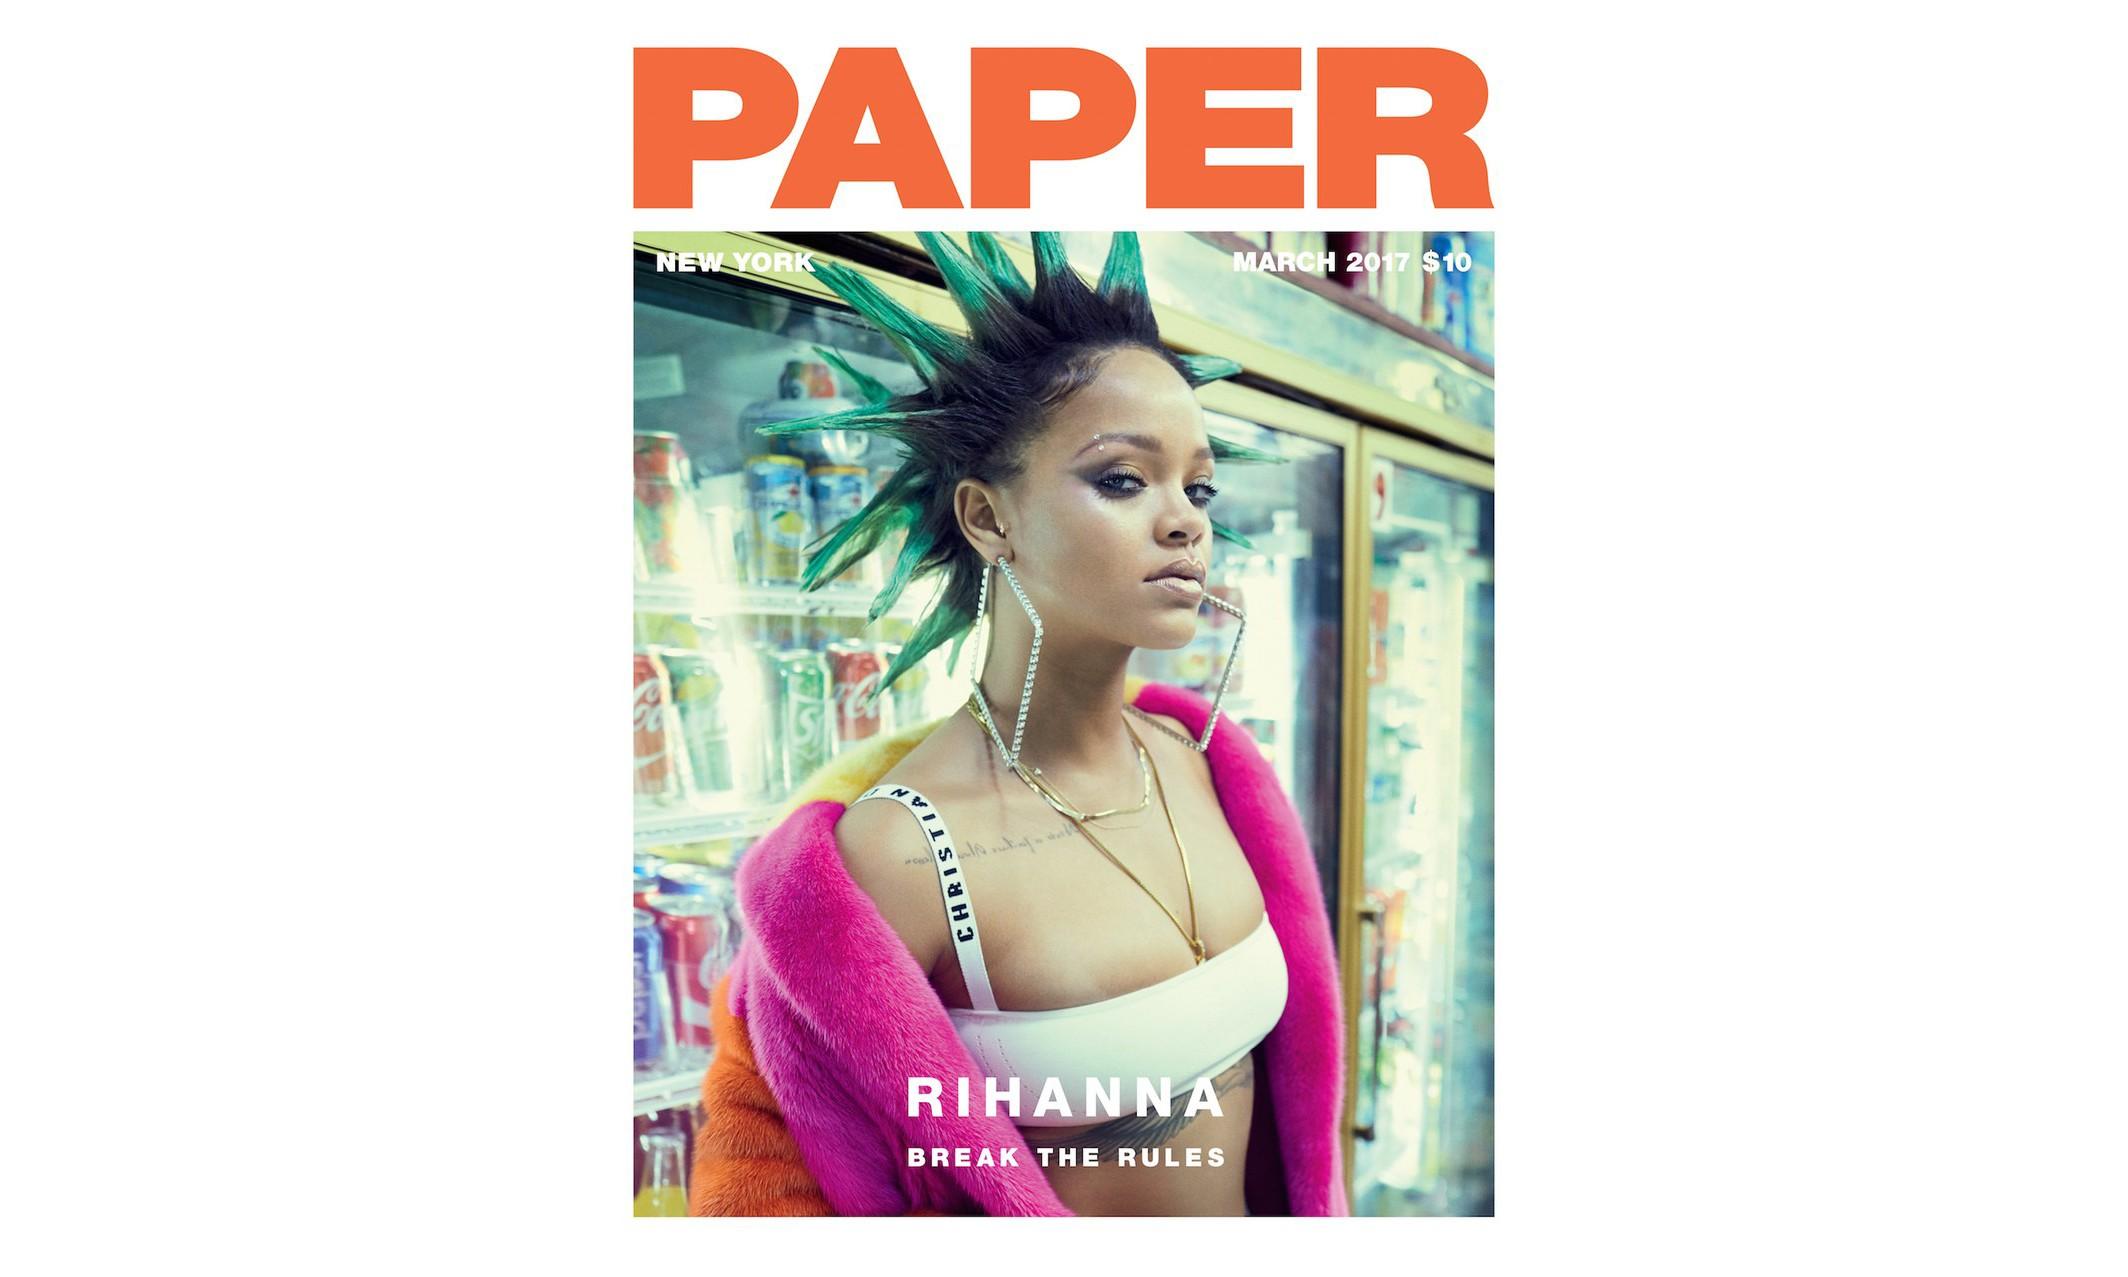 十年后,Rihanna 再次成为《PAPER》杂志封面人物